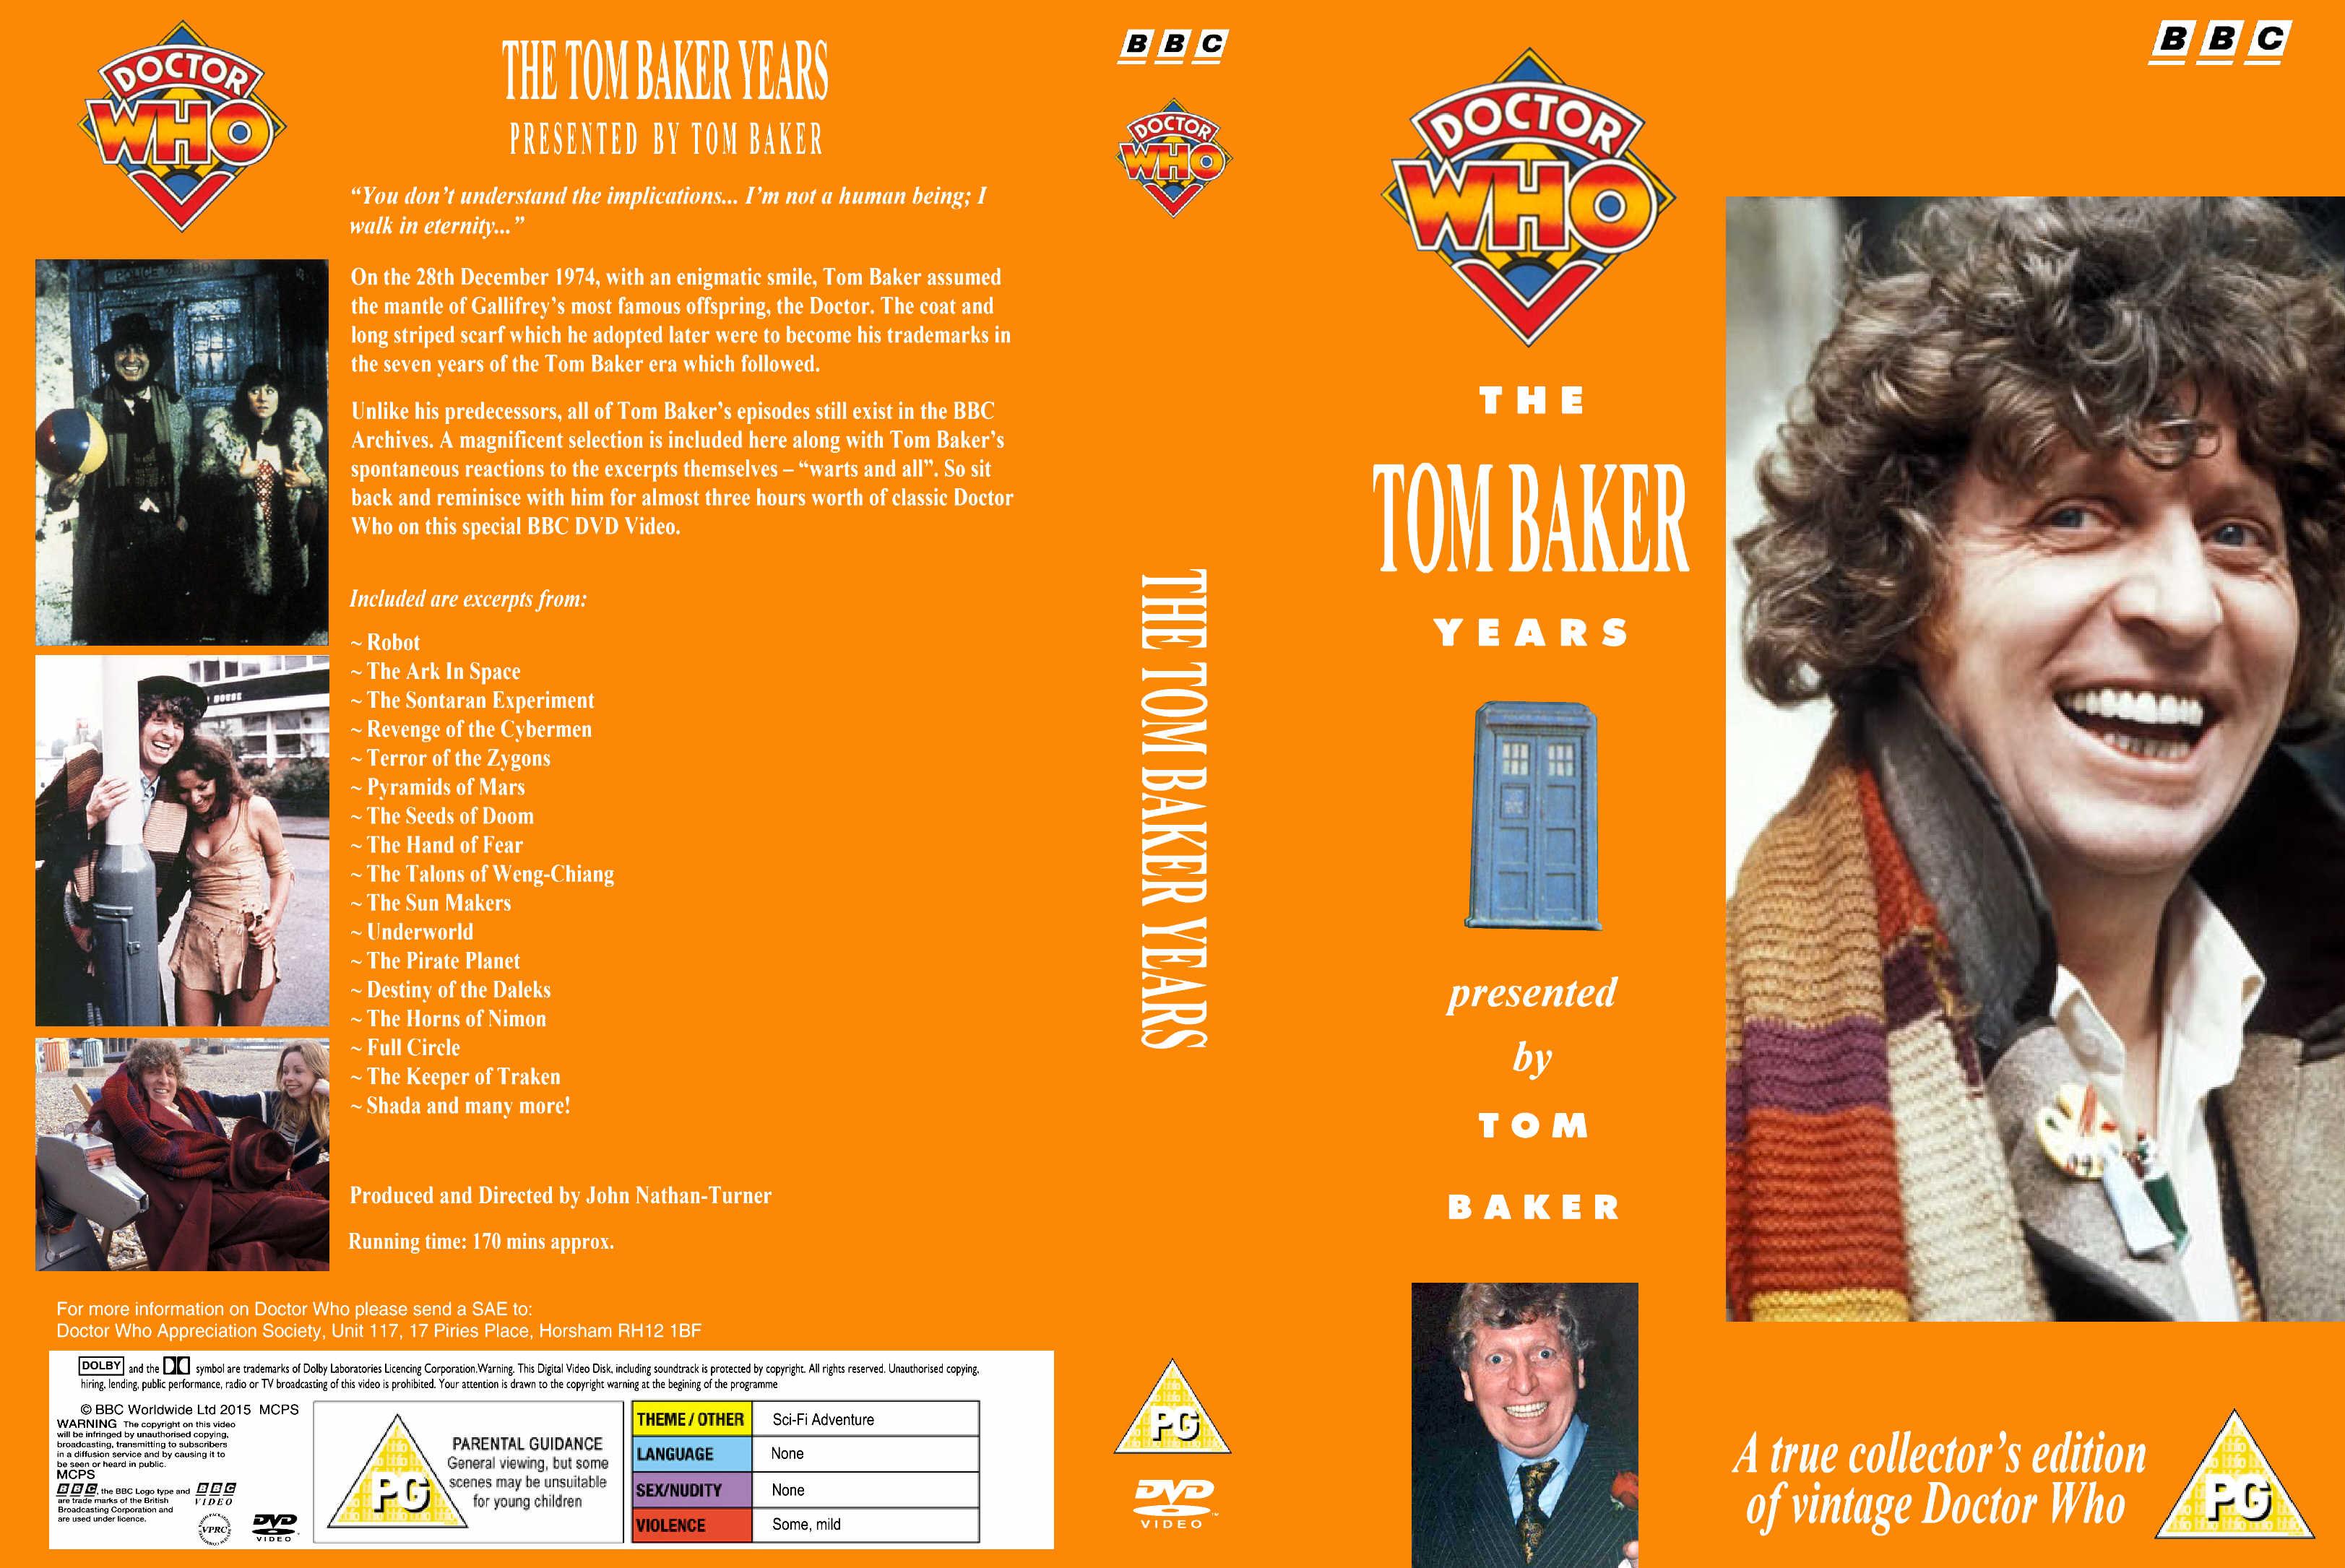 The Tom Baker Years